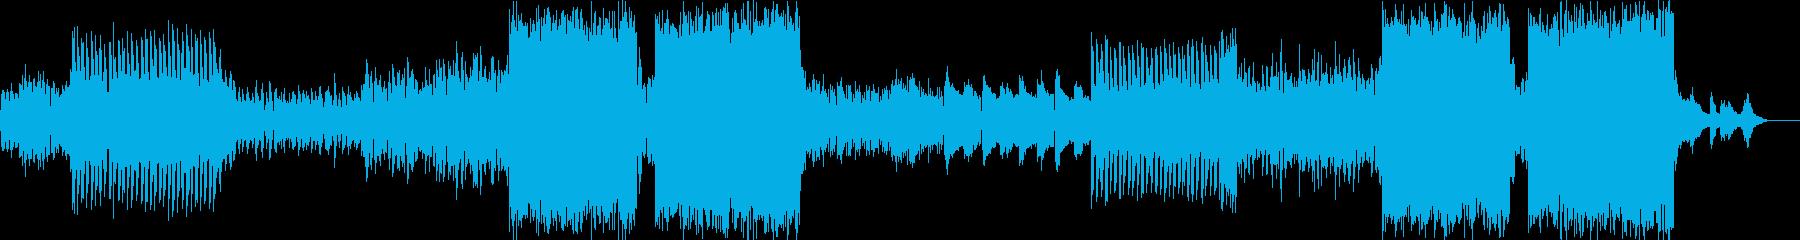 疾走感溢れるhappyなEDM の再生済みの波形